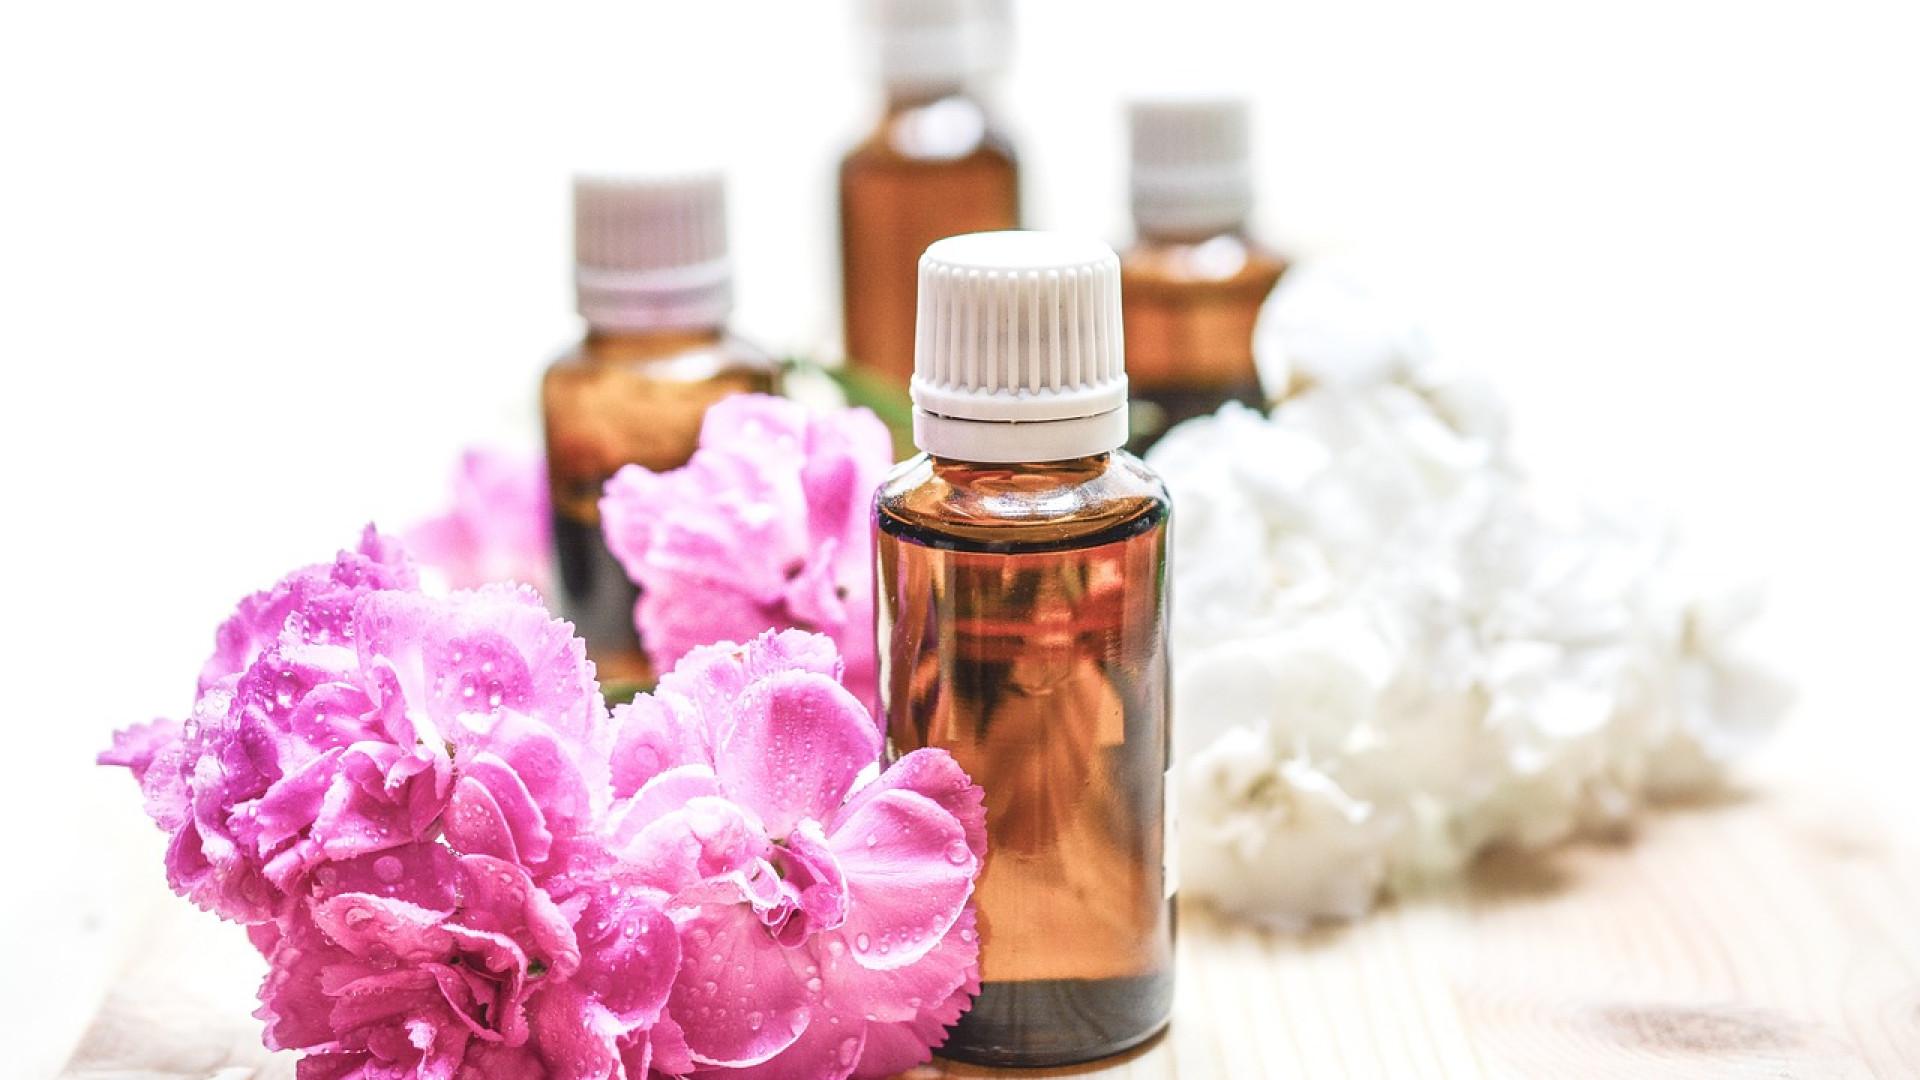 Quels sont les bienfaits de l'aromathérapie ?